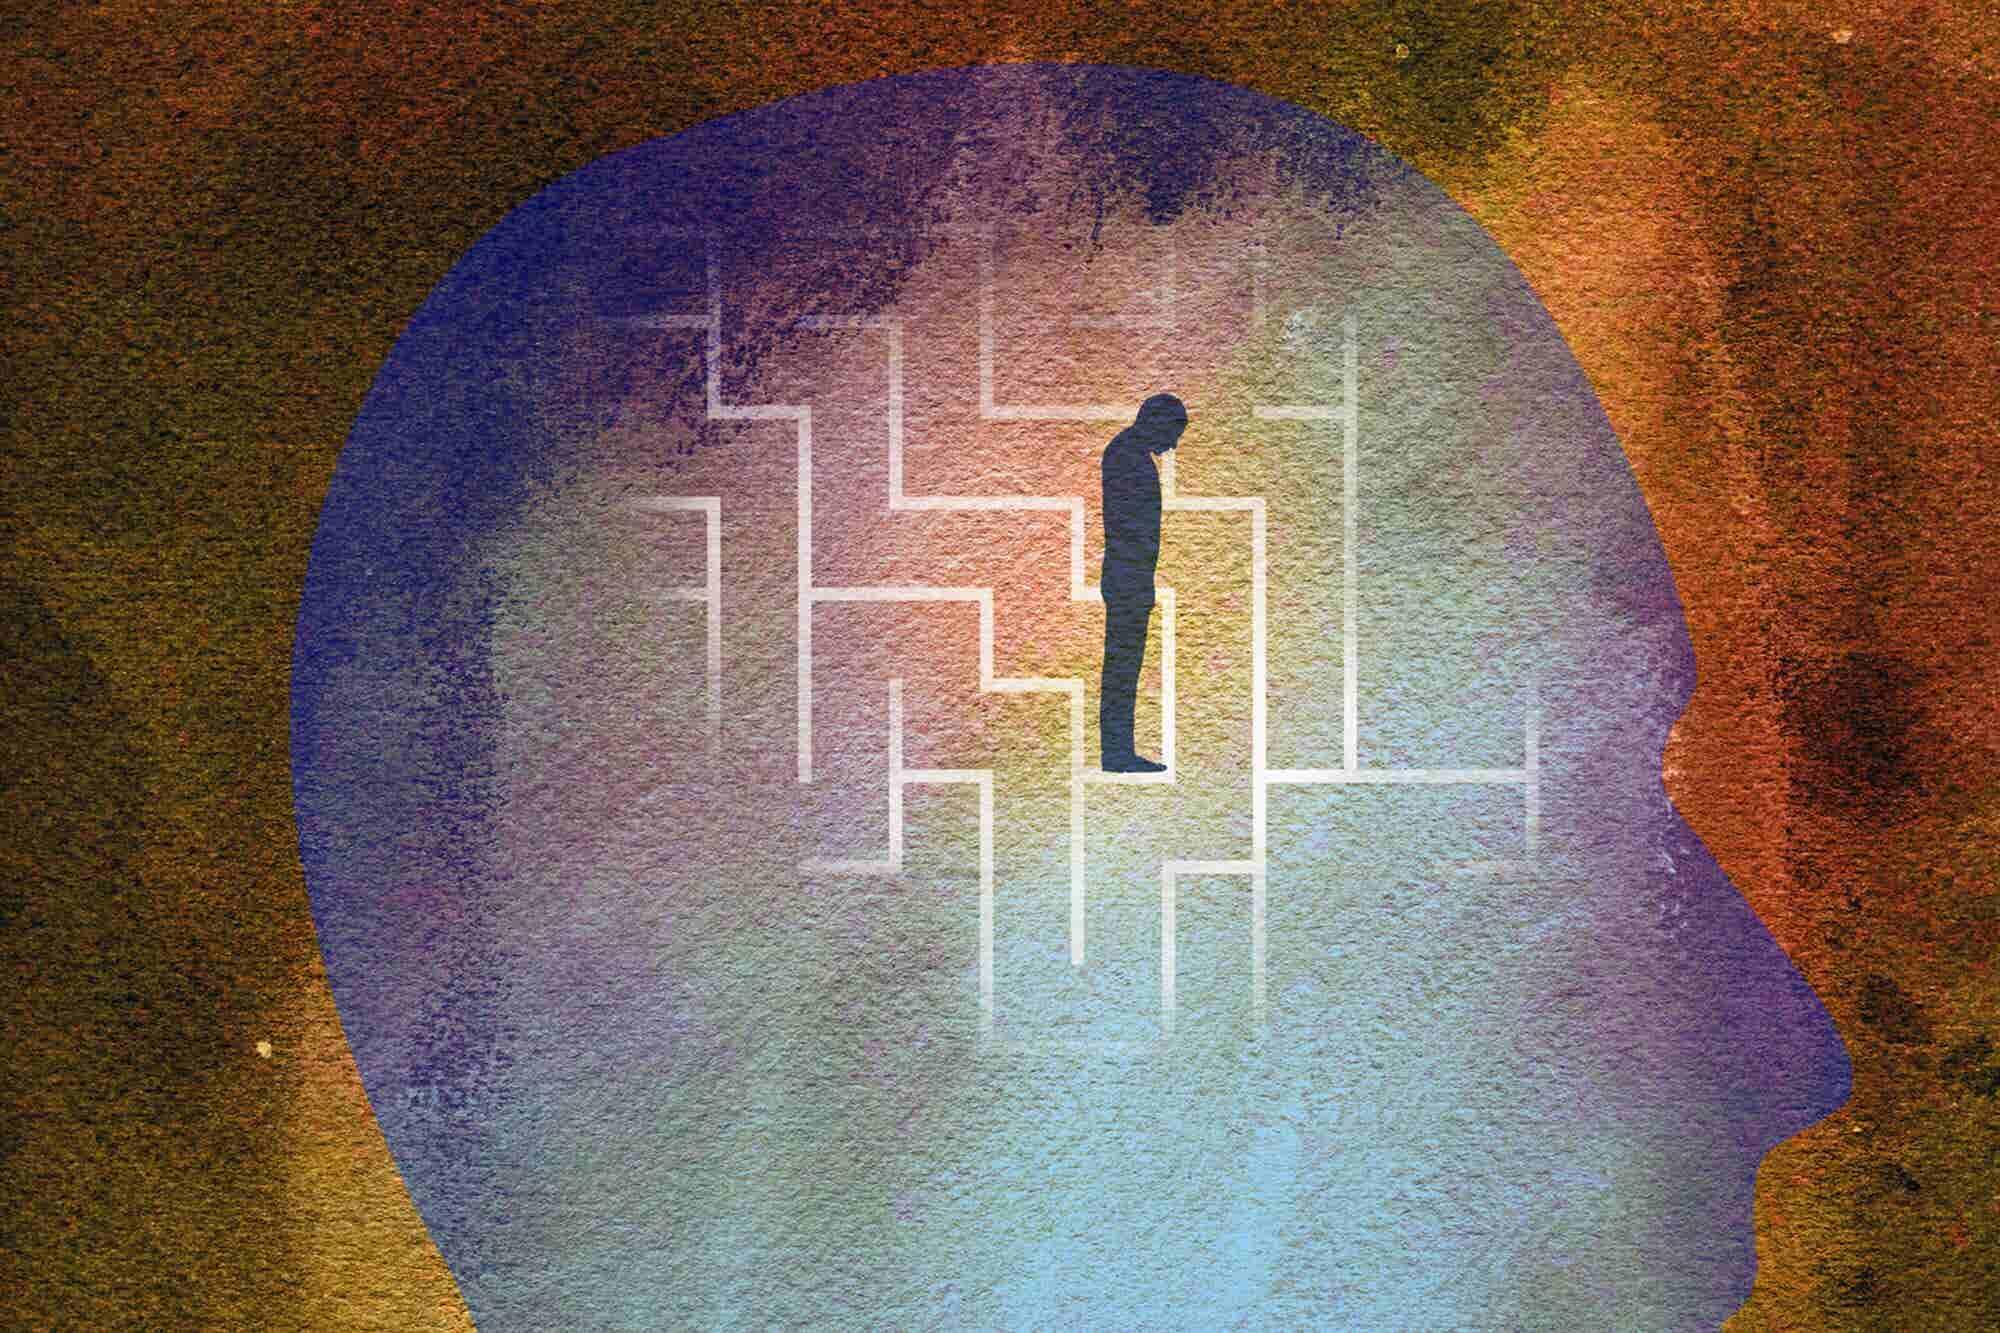 4 Ways to Escape Mental Traps That Sabotage Your Success